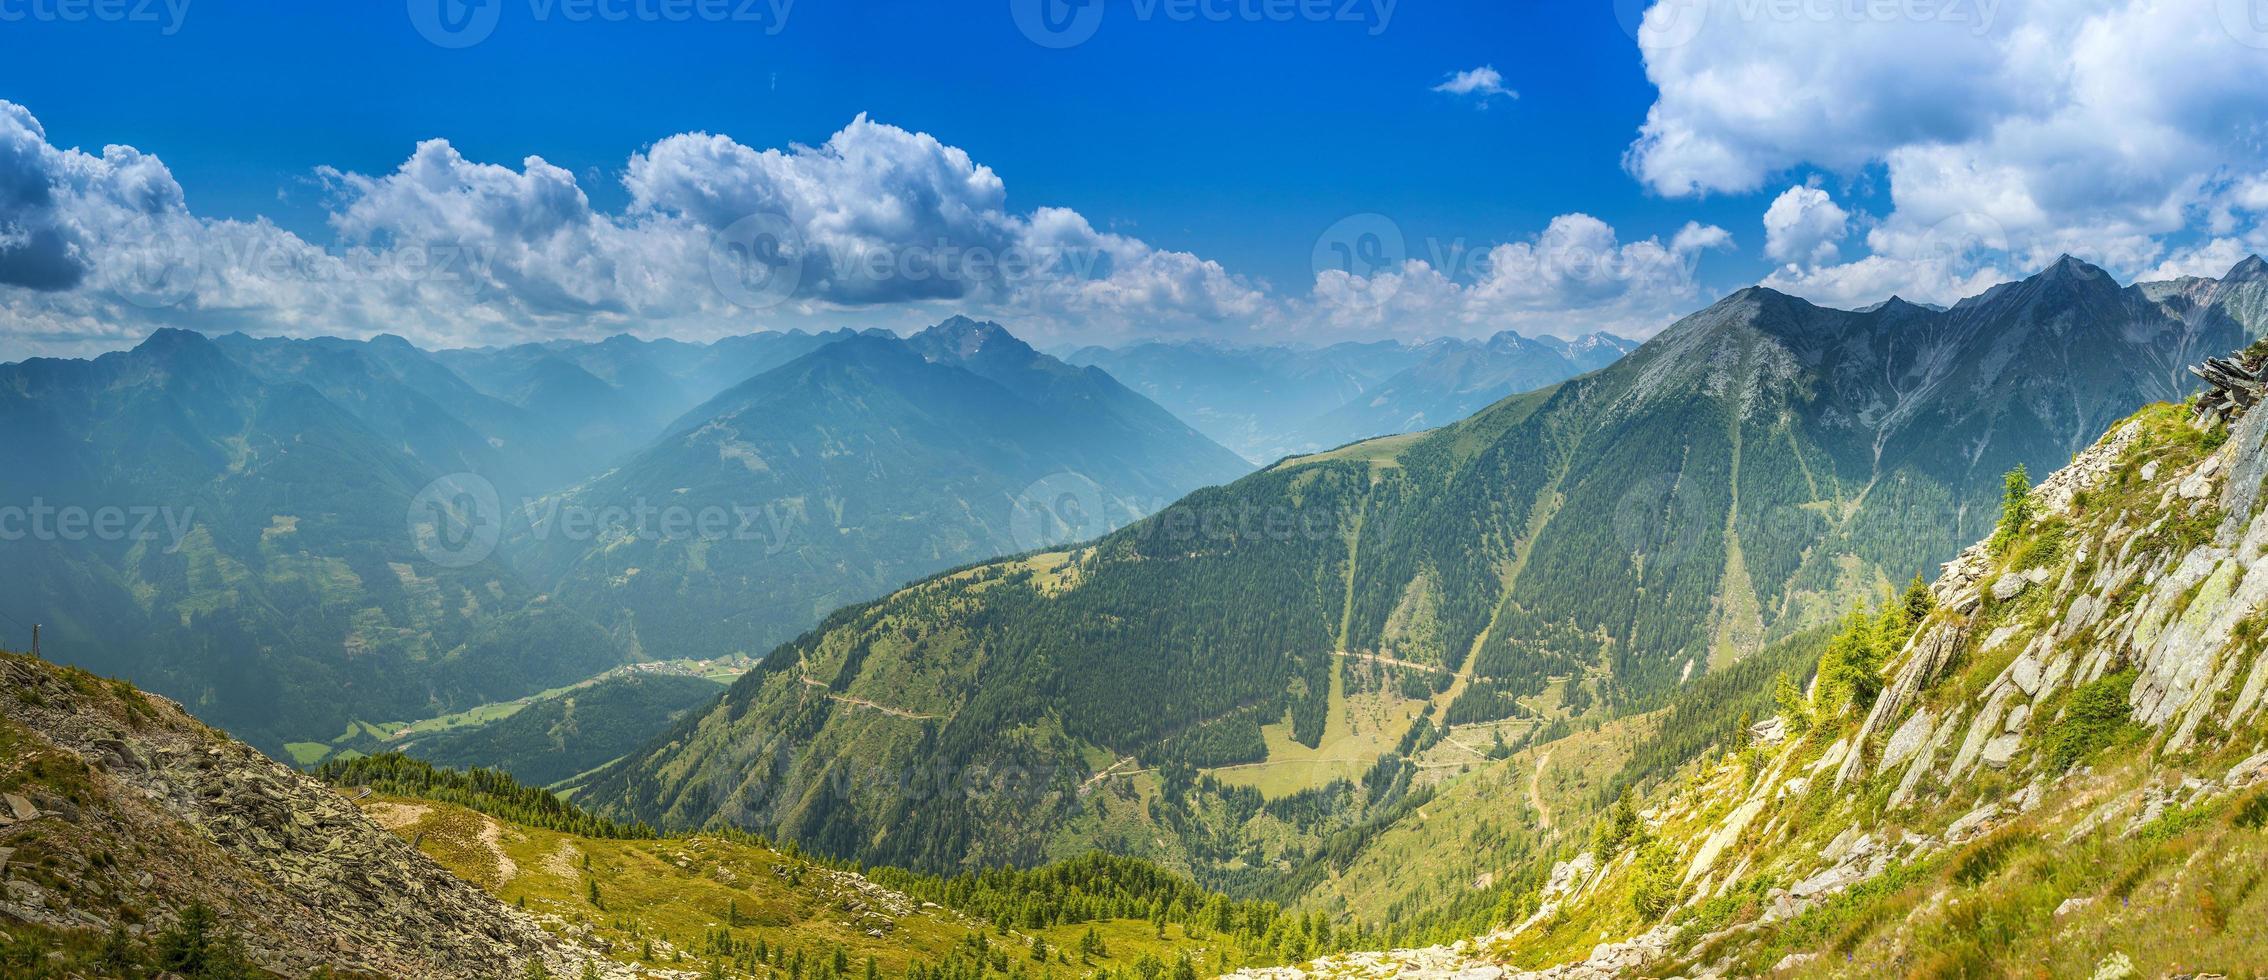 Alpes en verano foto